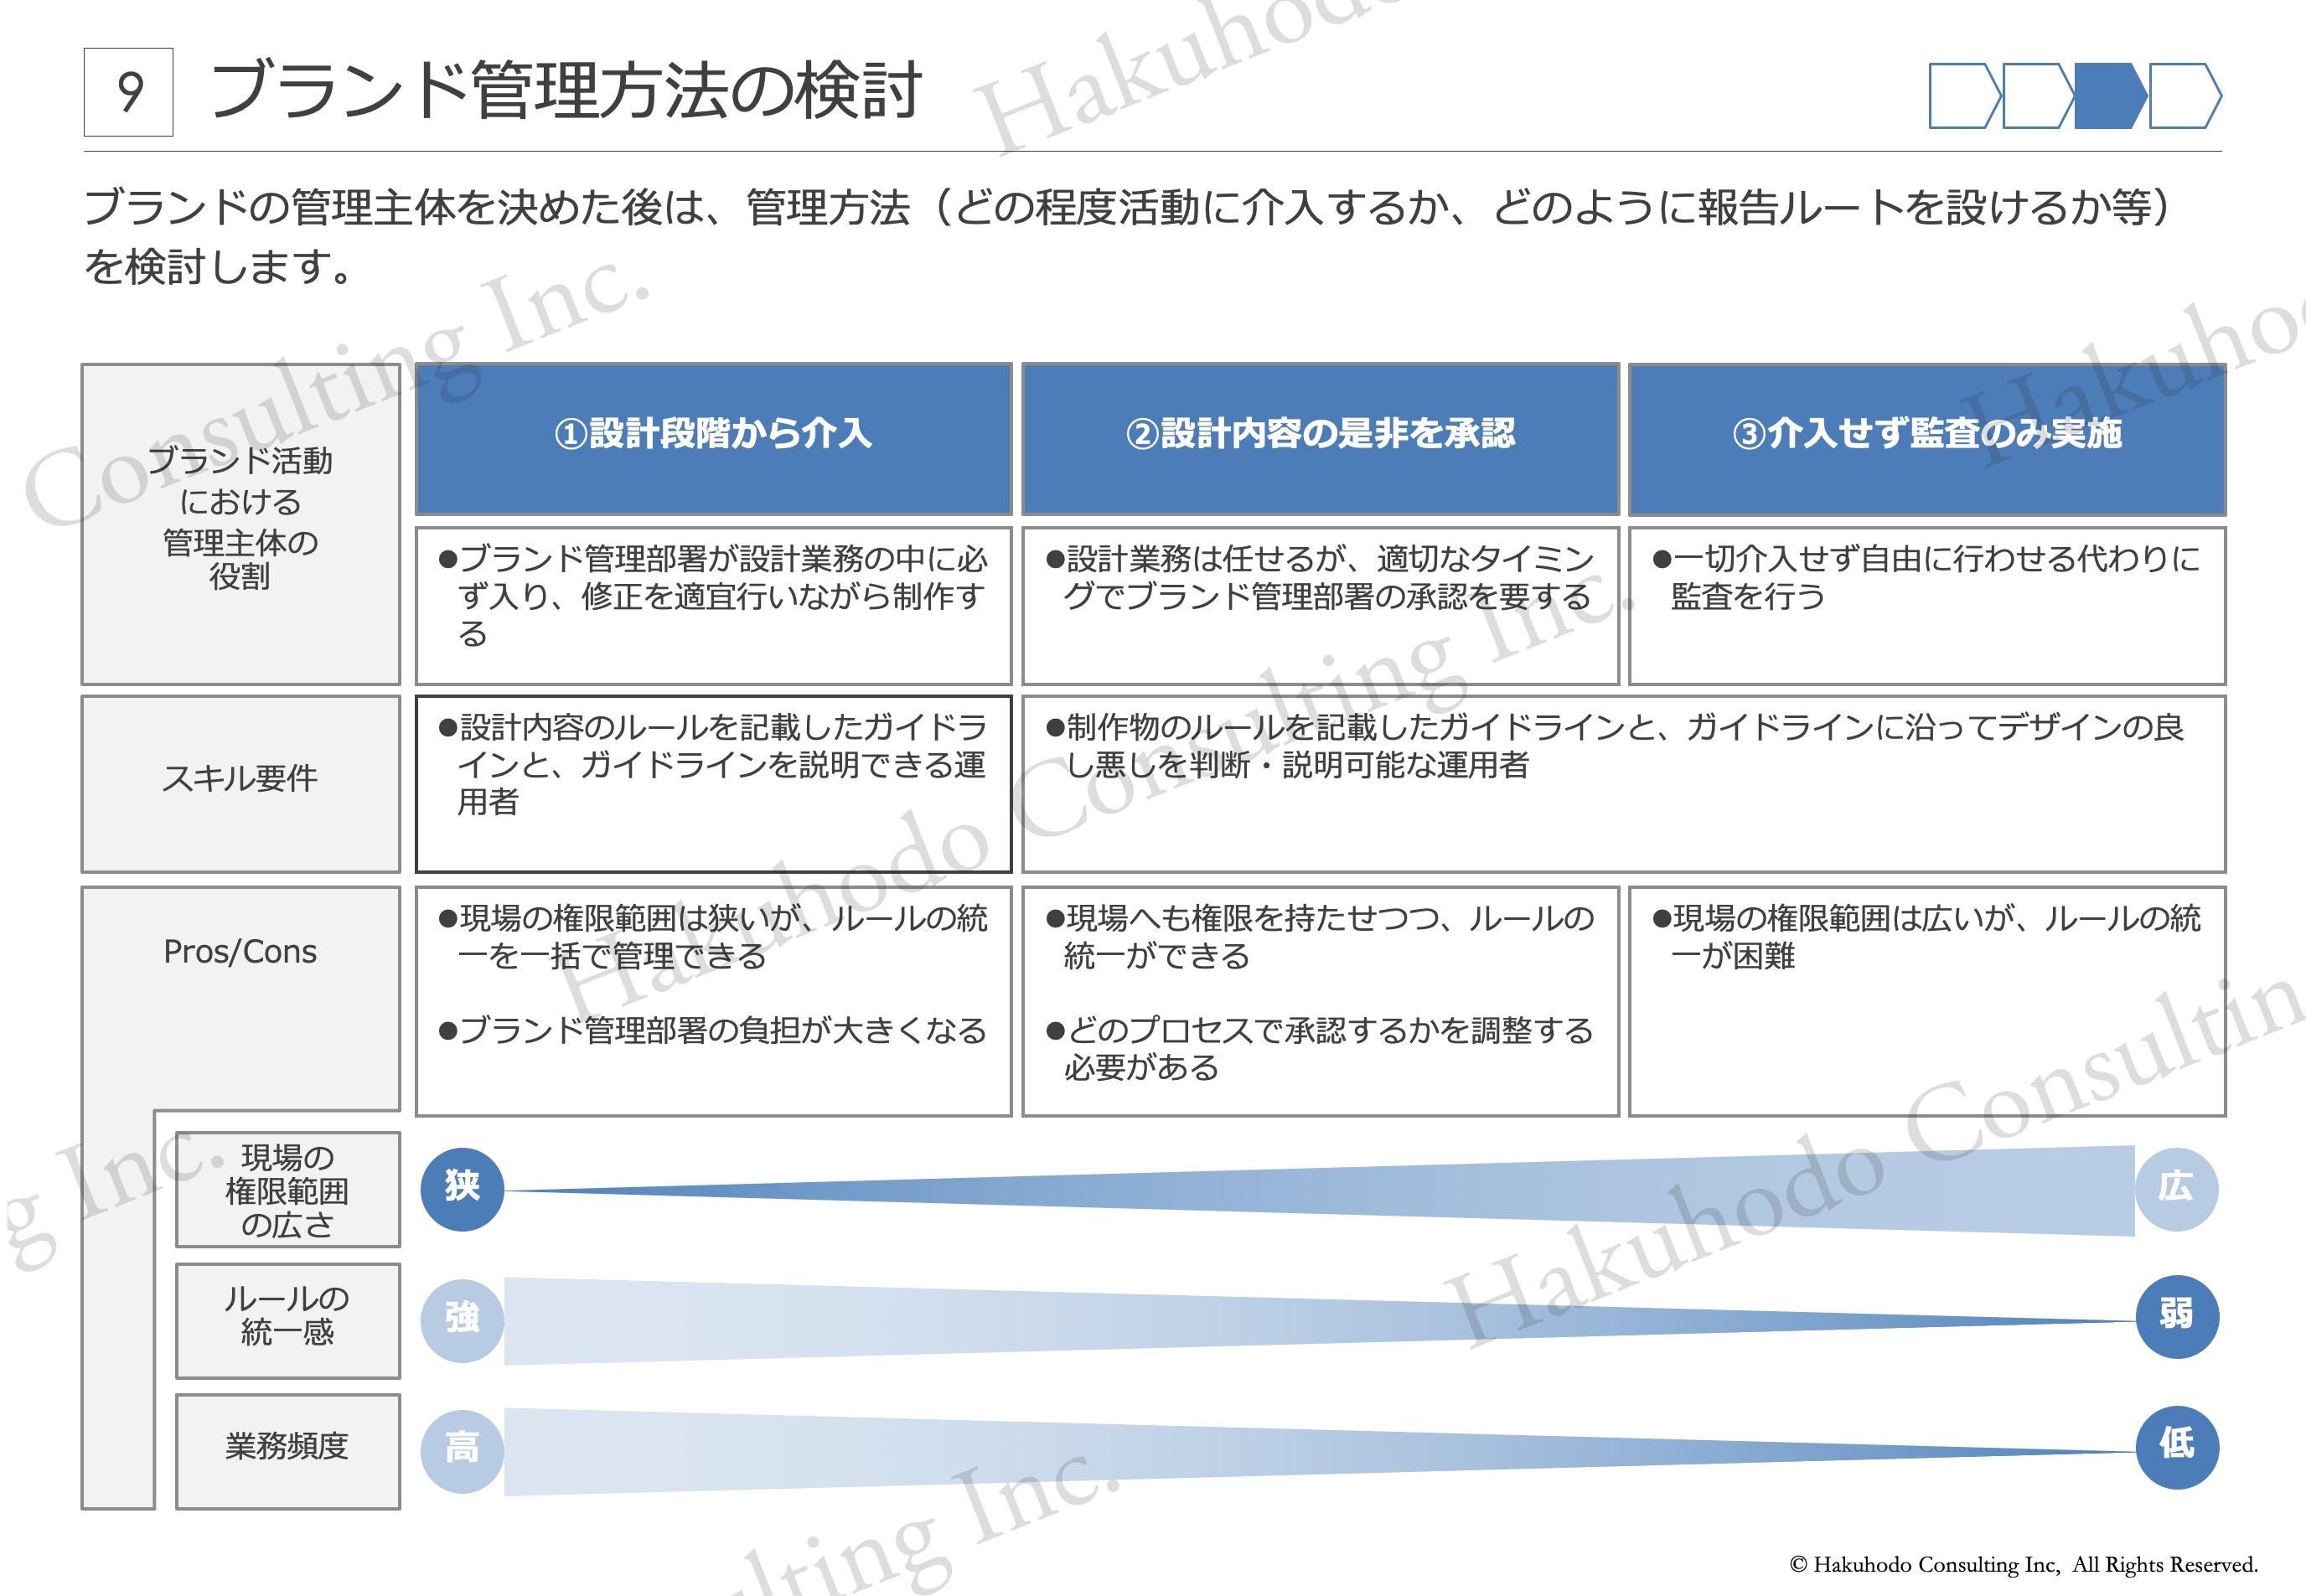 ブランド管理方法の検討ブランドの管理主体を決めた後は、管理方法(どの程度活動に介入するか、どのように報告ルートを設けるか等)を検討します。